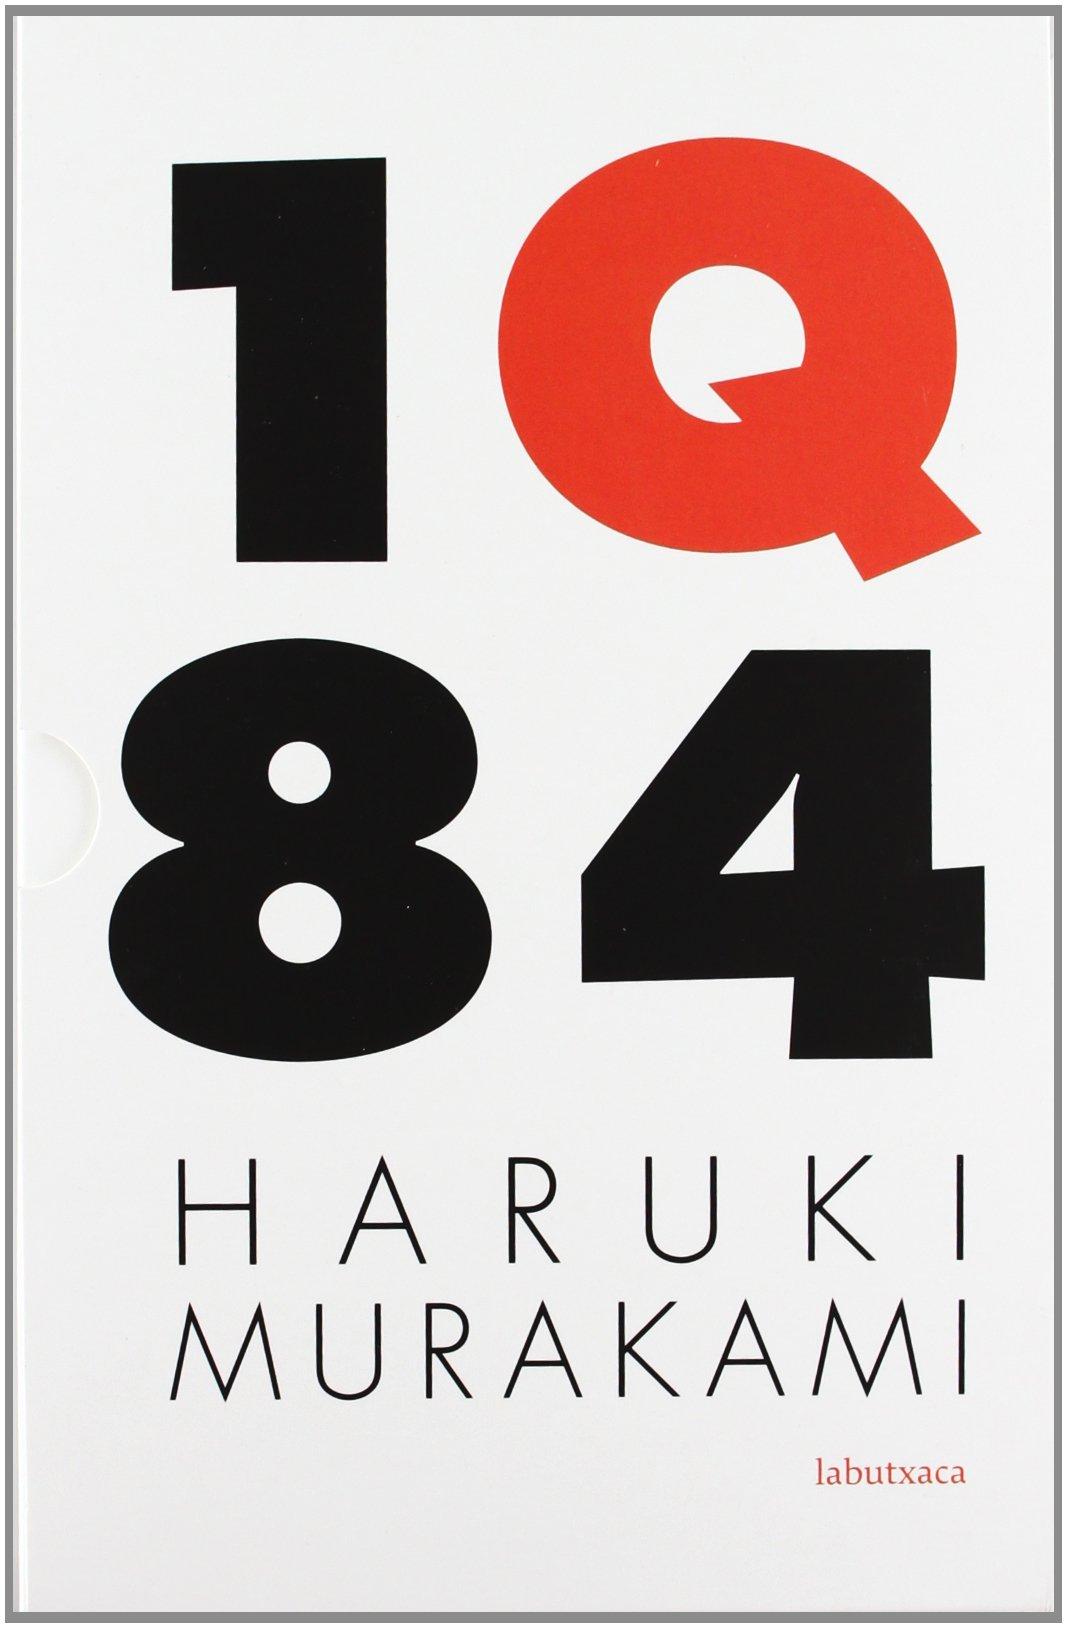 Estoig Murakami 1Q84 (LABUTXACA): Amazon.es: Haruki Murakami ...